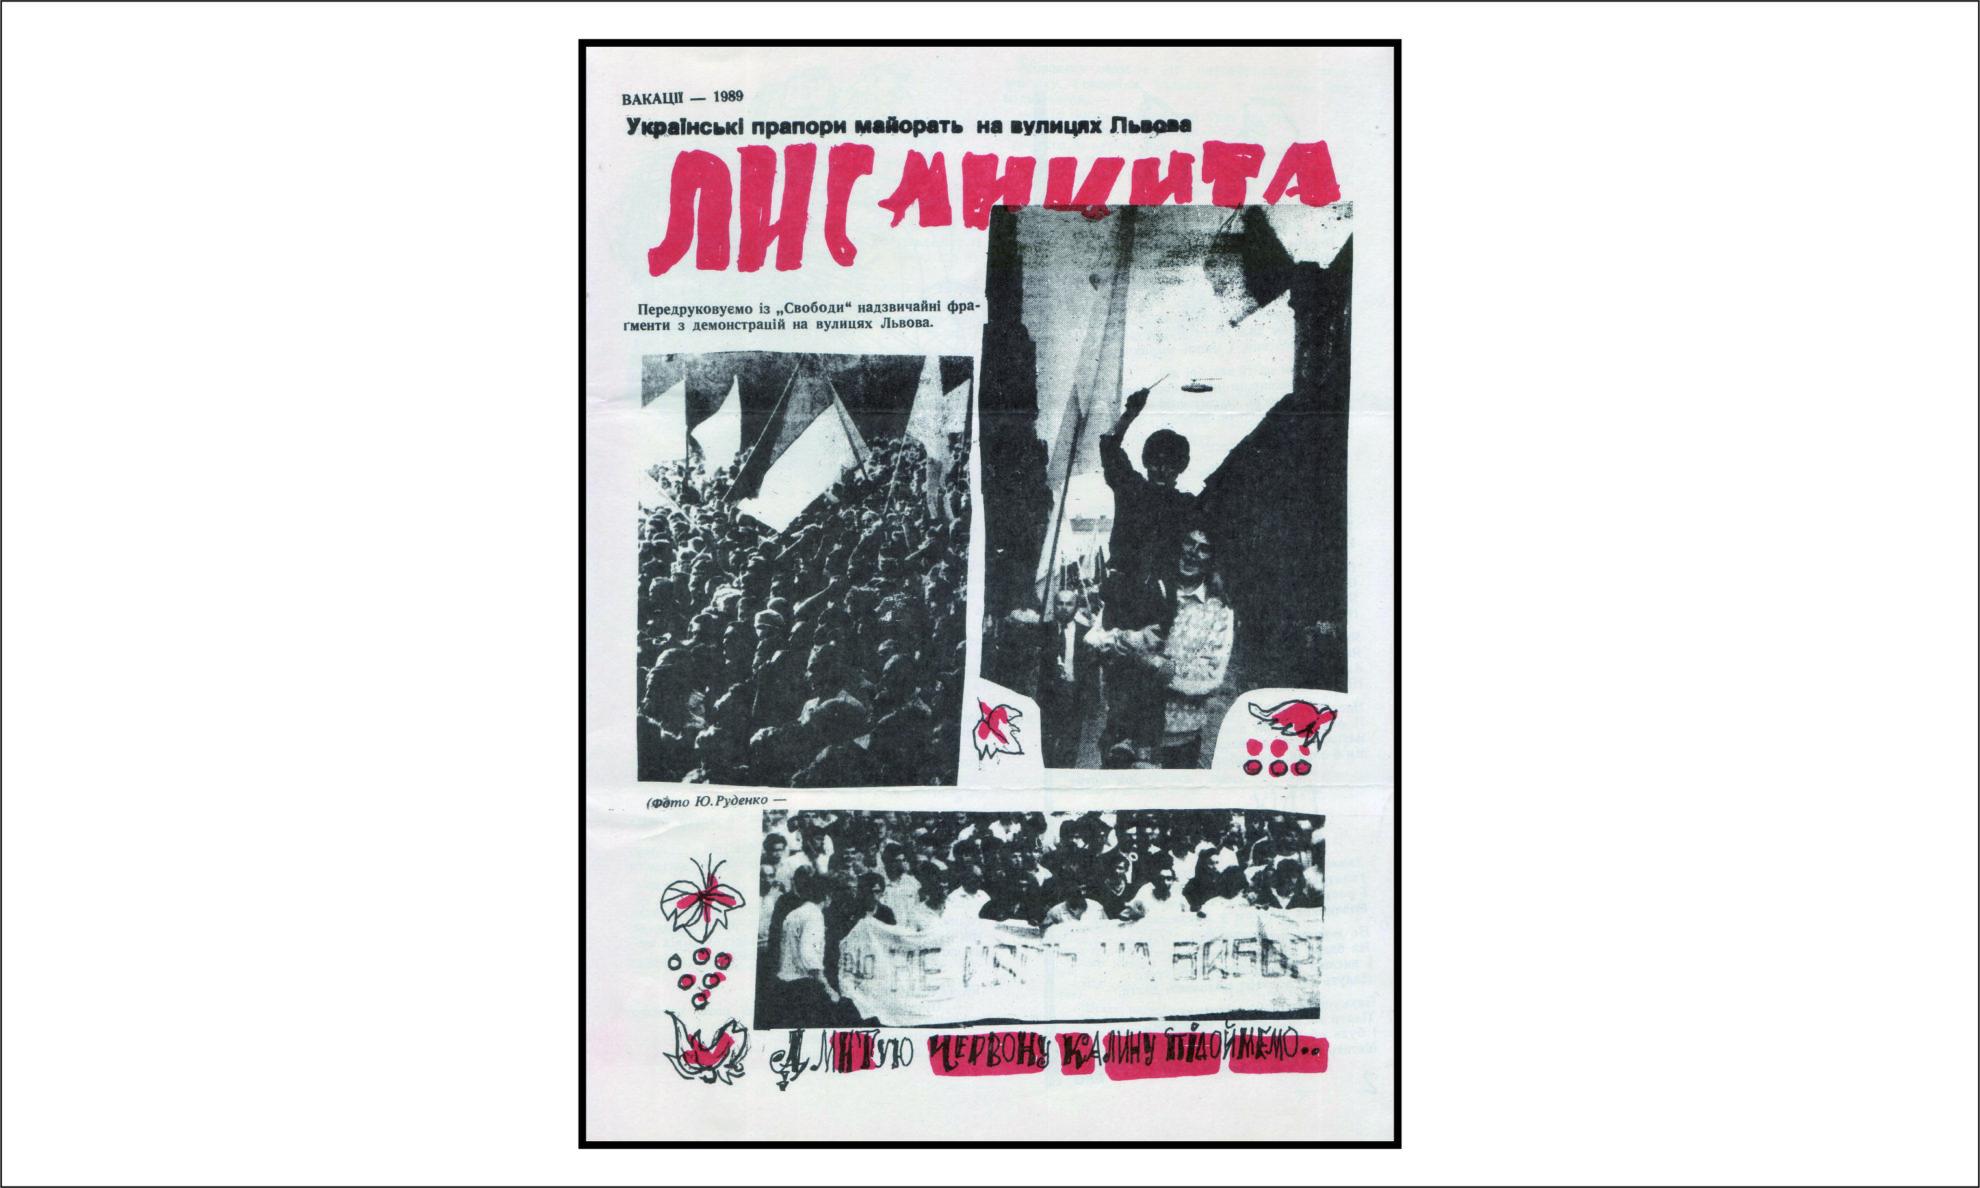 Вакації, 1989